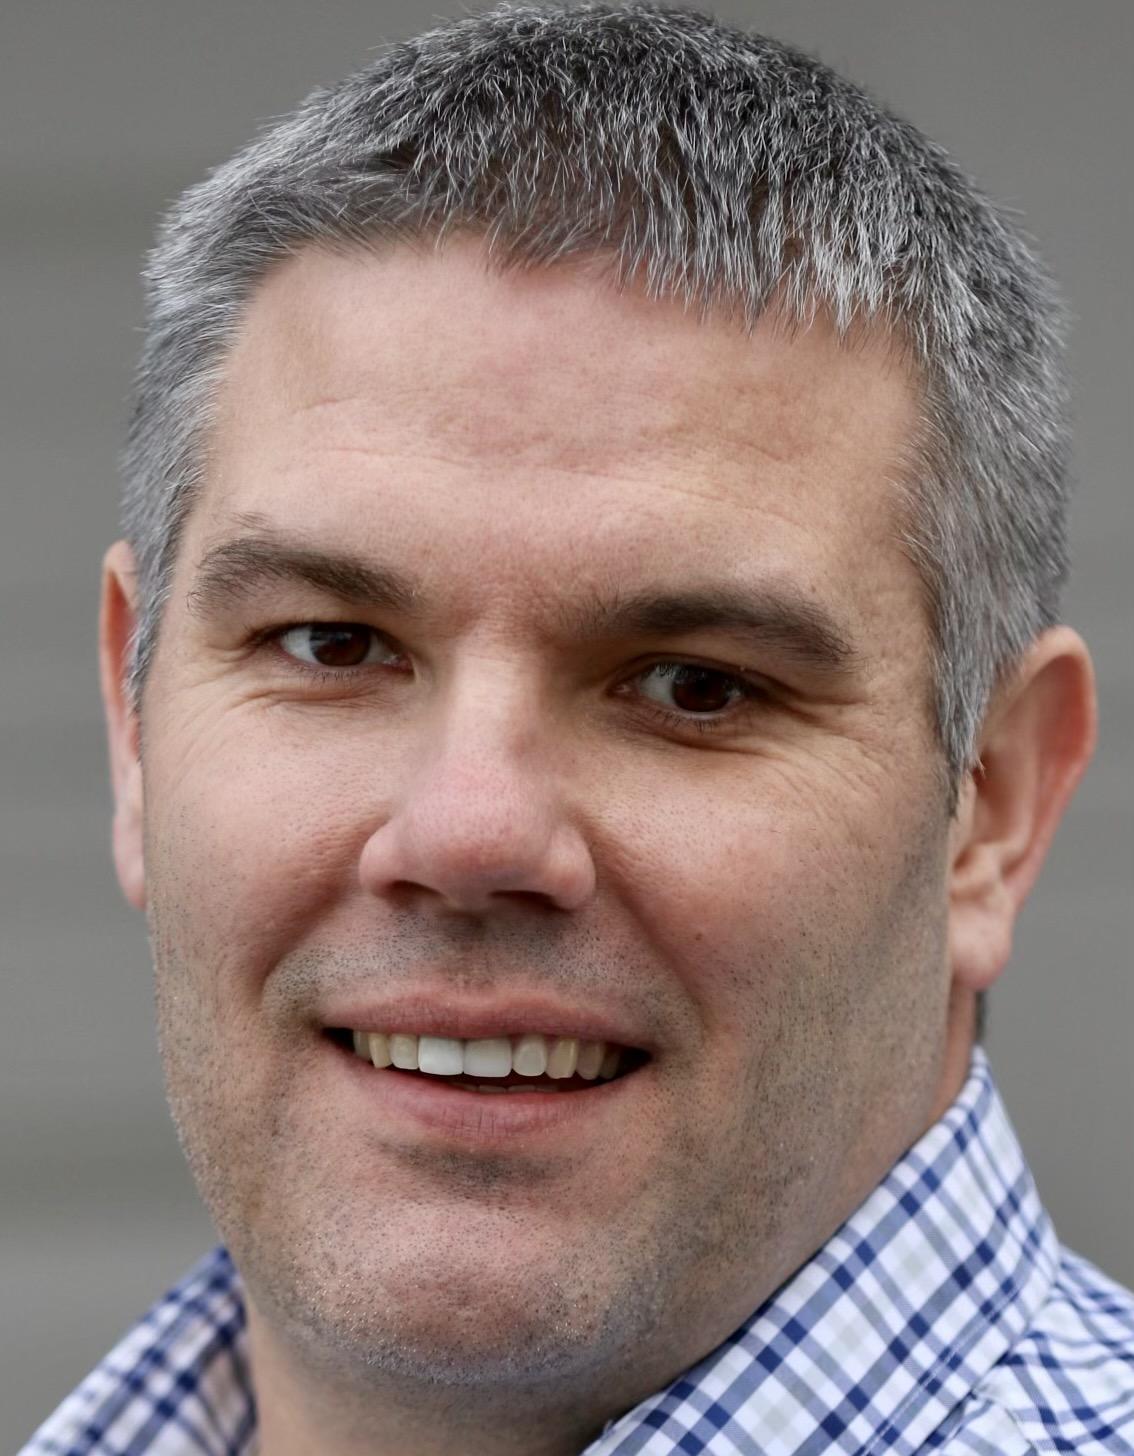 Brent Grochowski